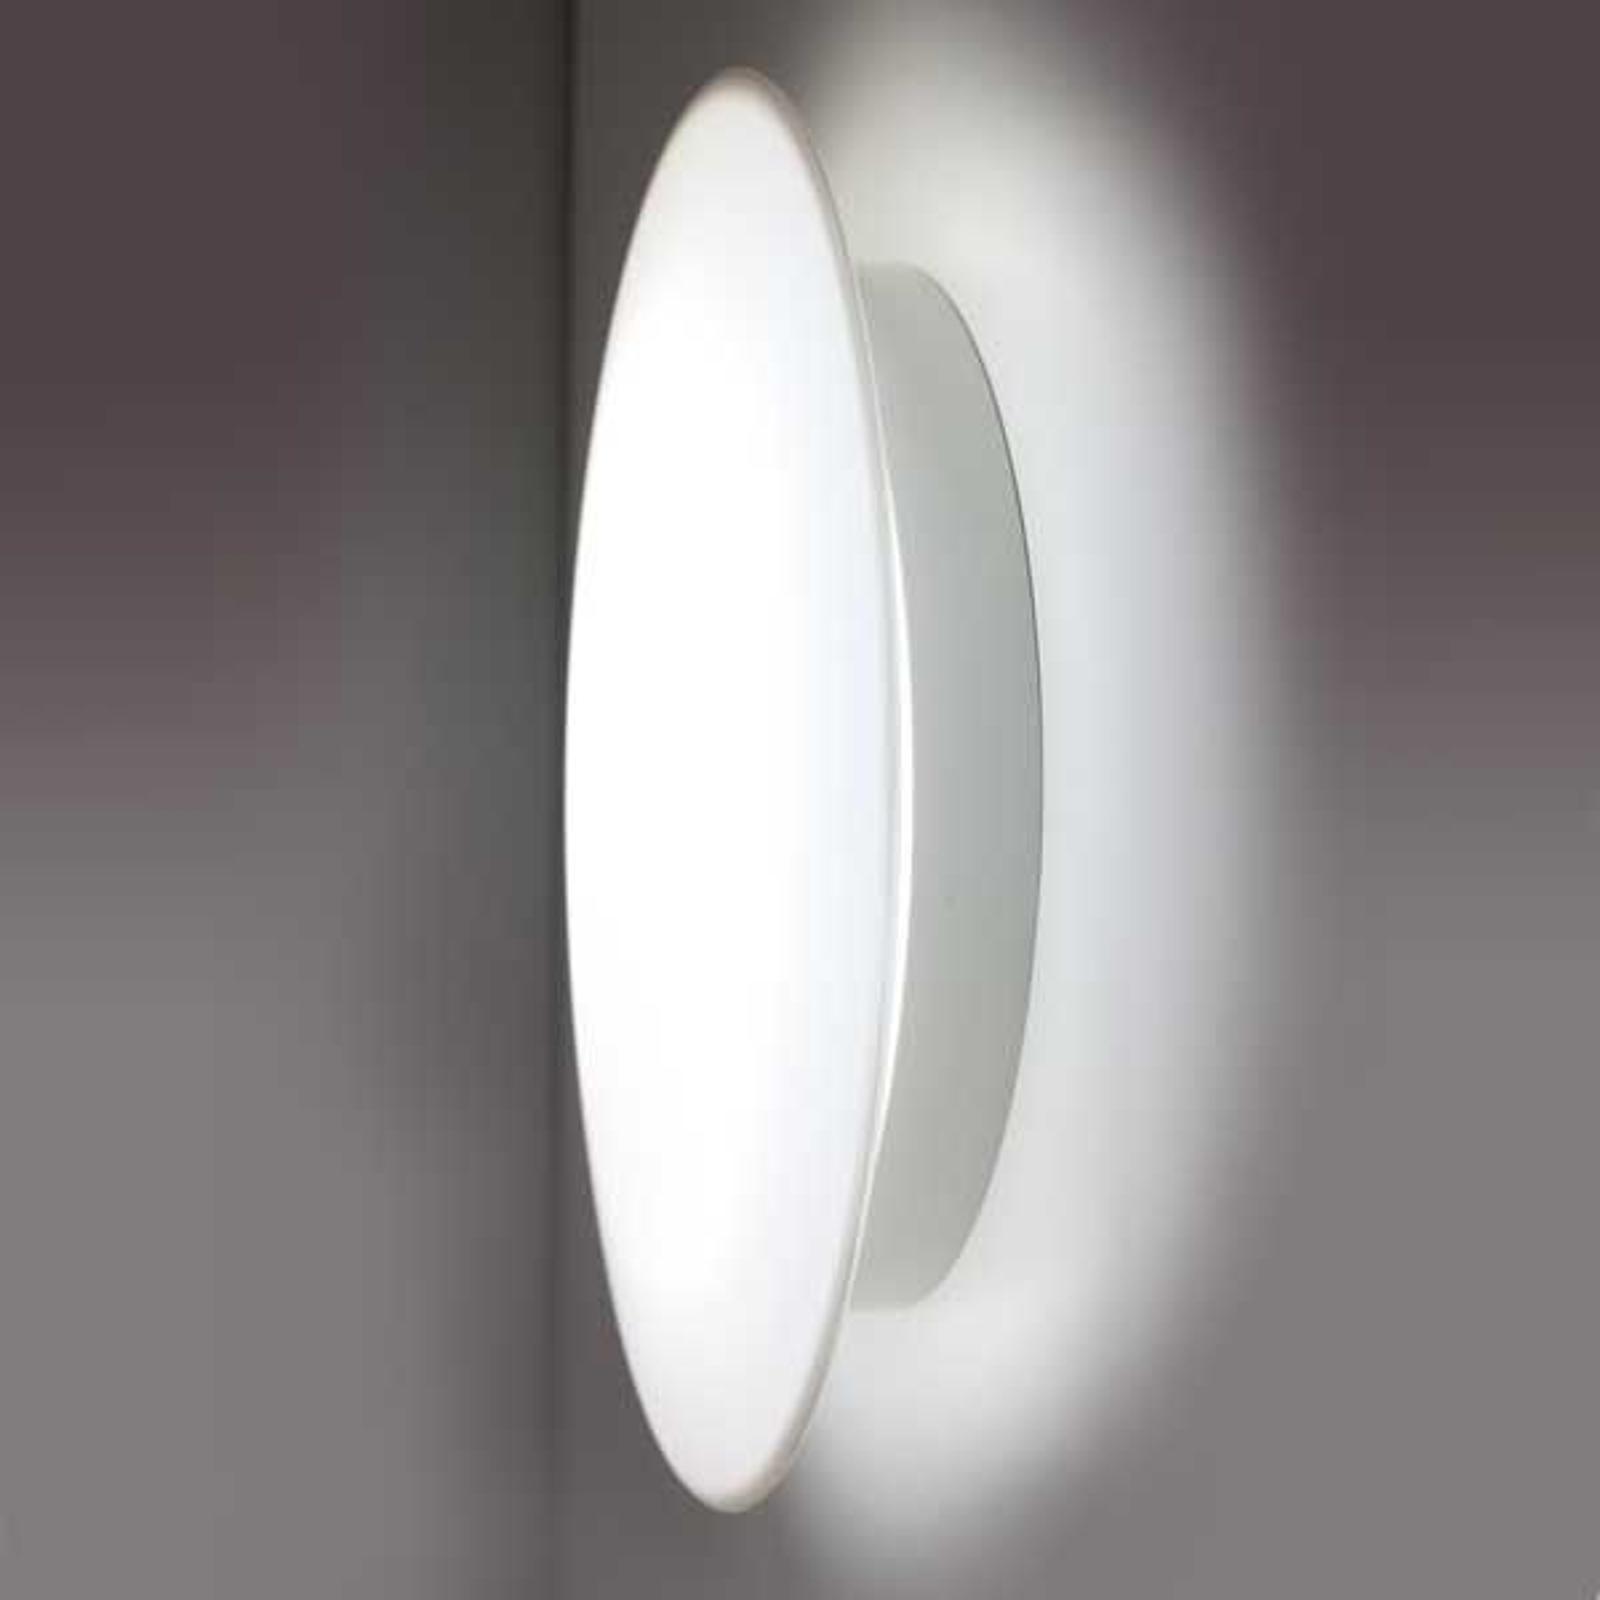 SUN 3 - la lampada LED del futuro, 18W 4K